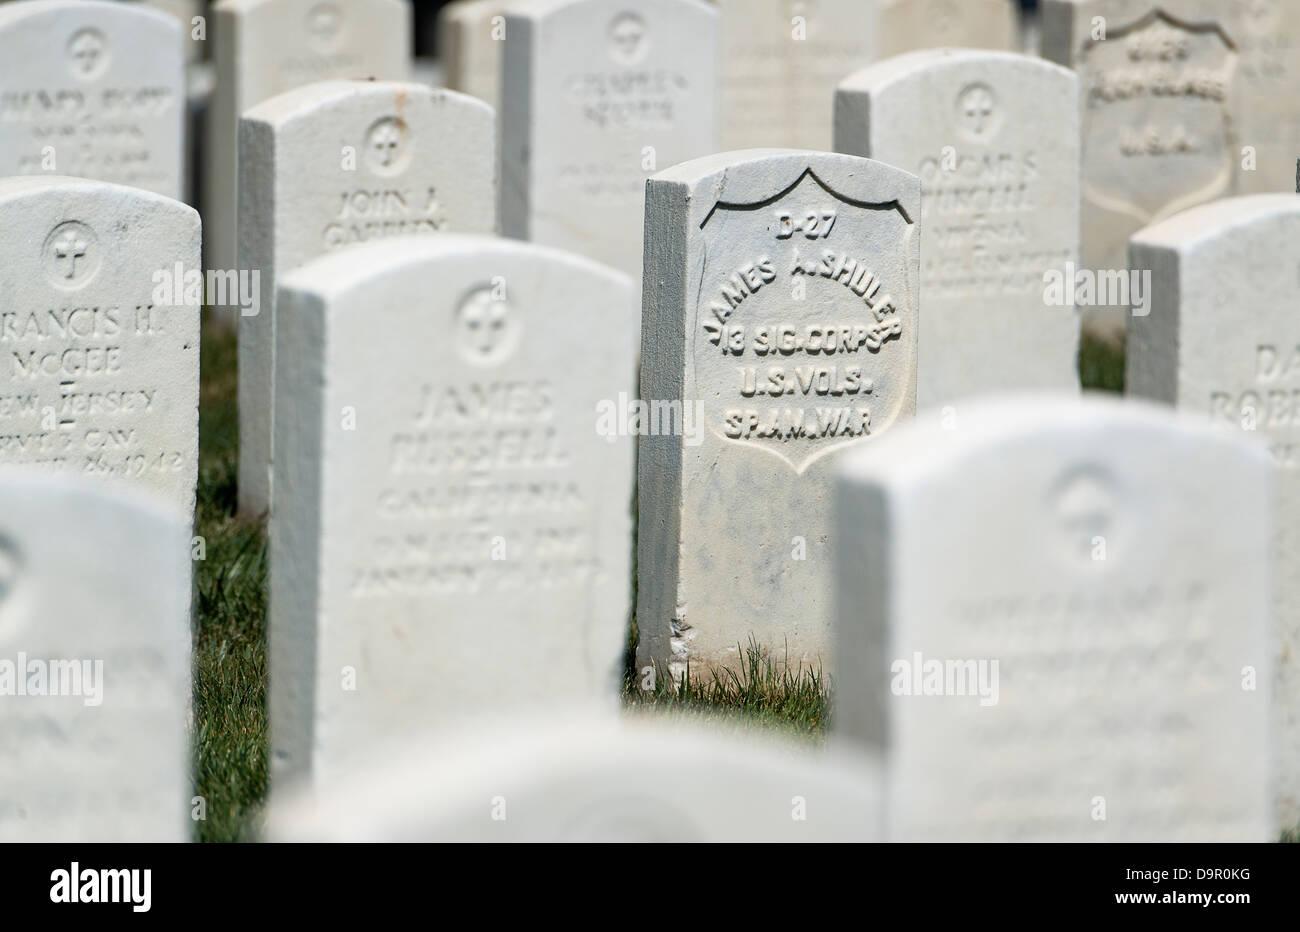 Grave, Arlington Cemetery, Virginia, USA - Stock Image